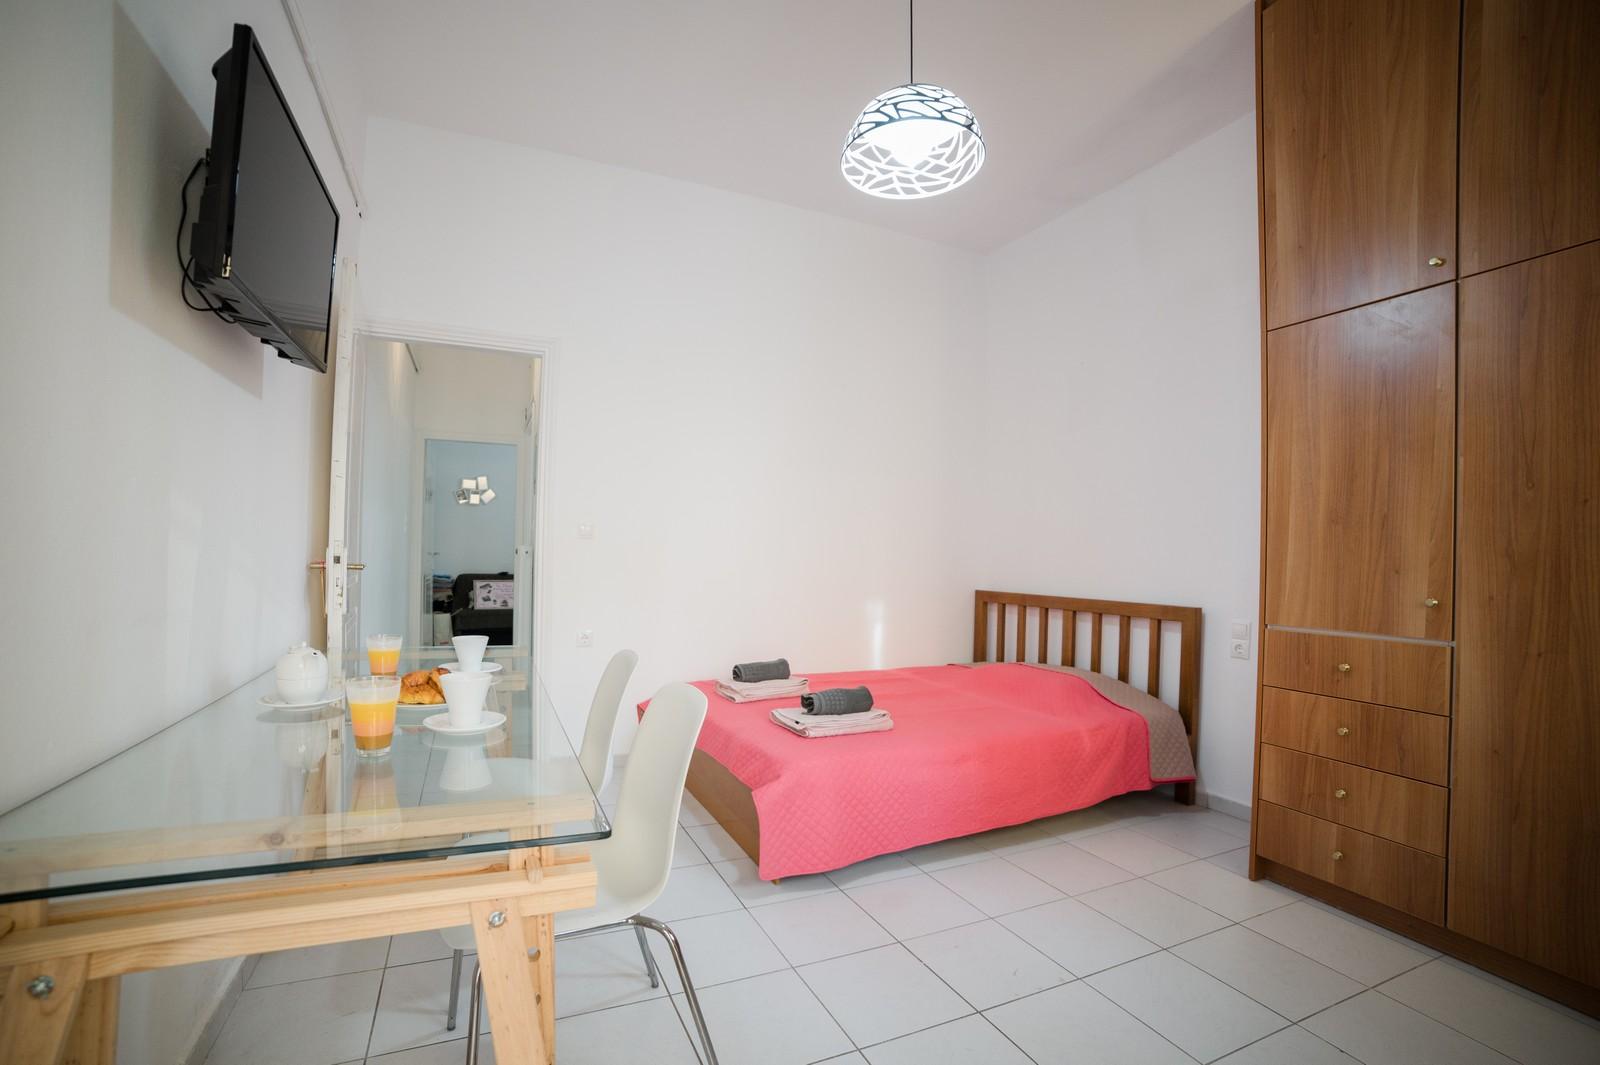 Apartment Second level floor